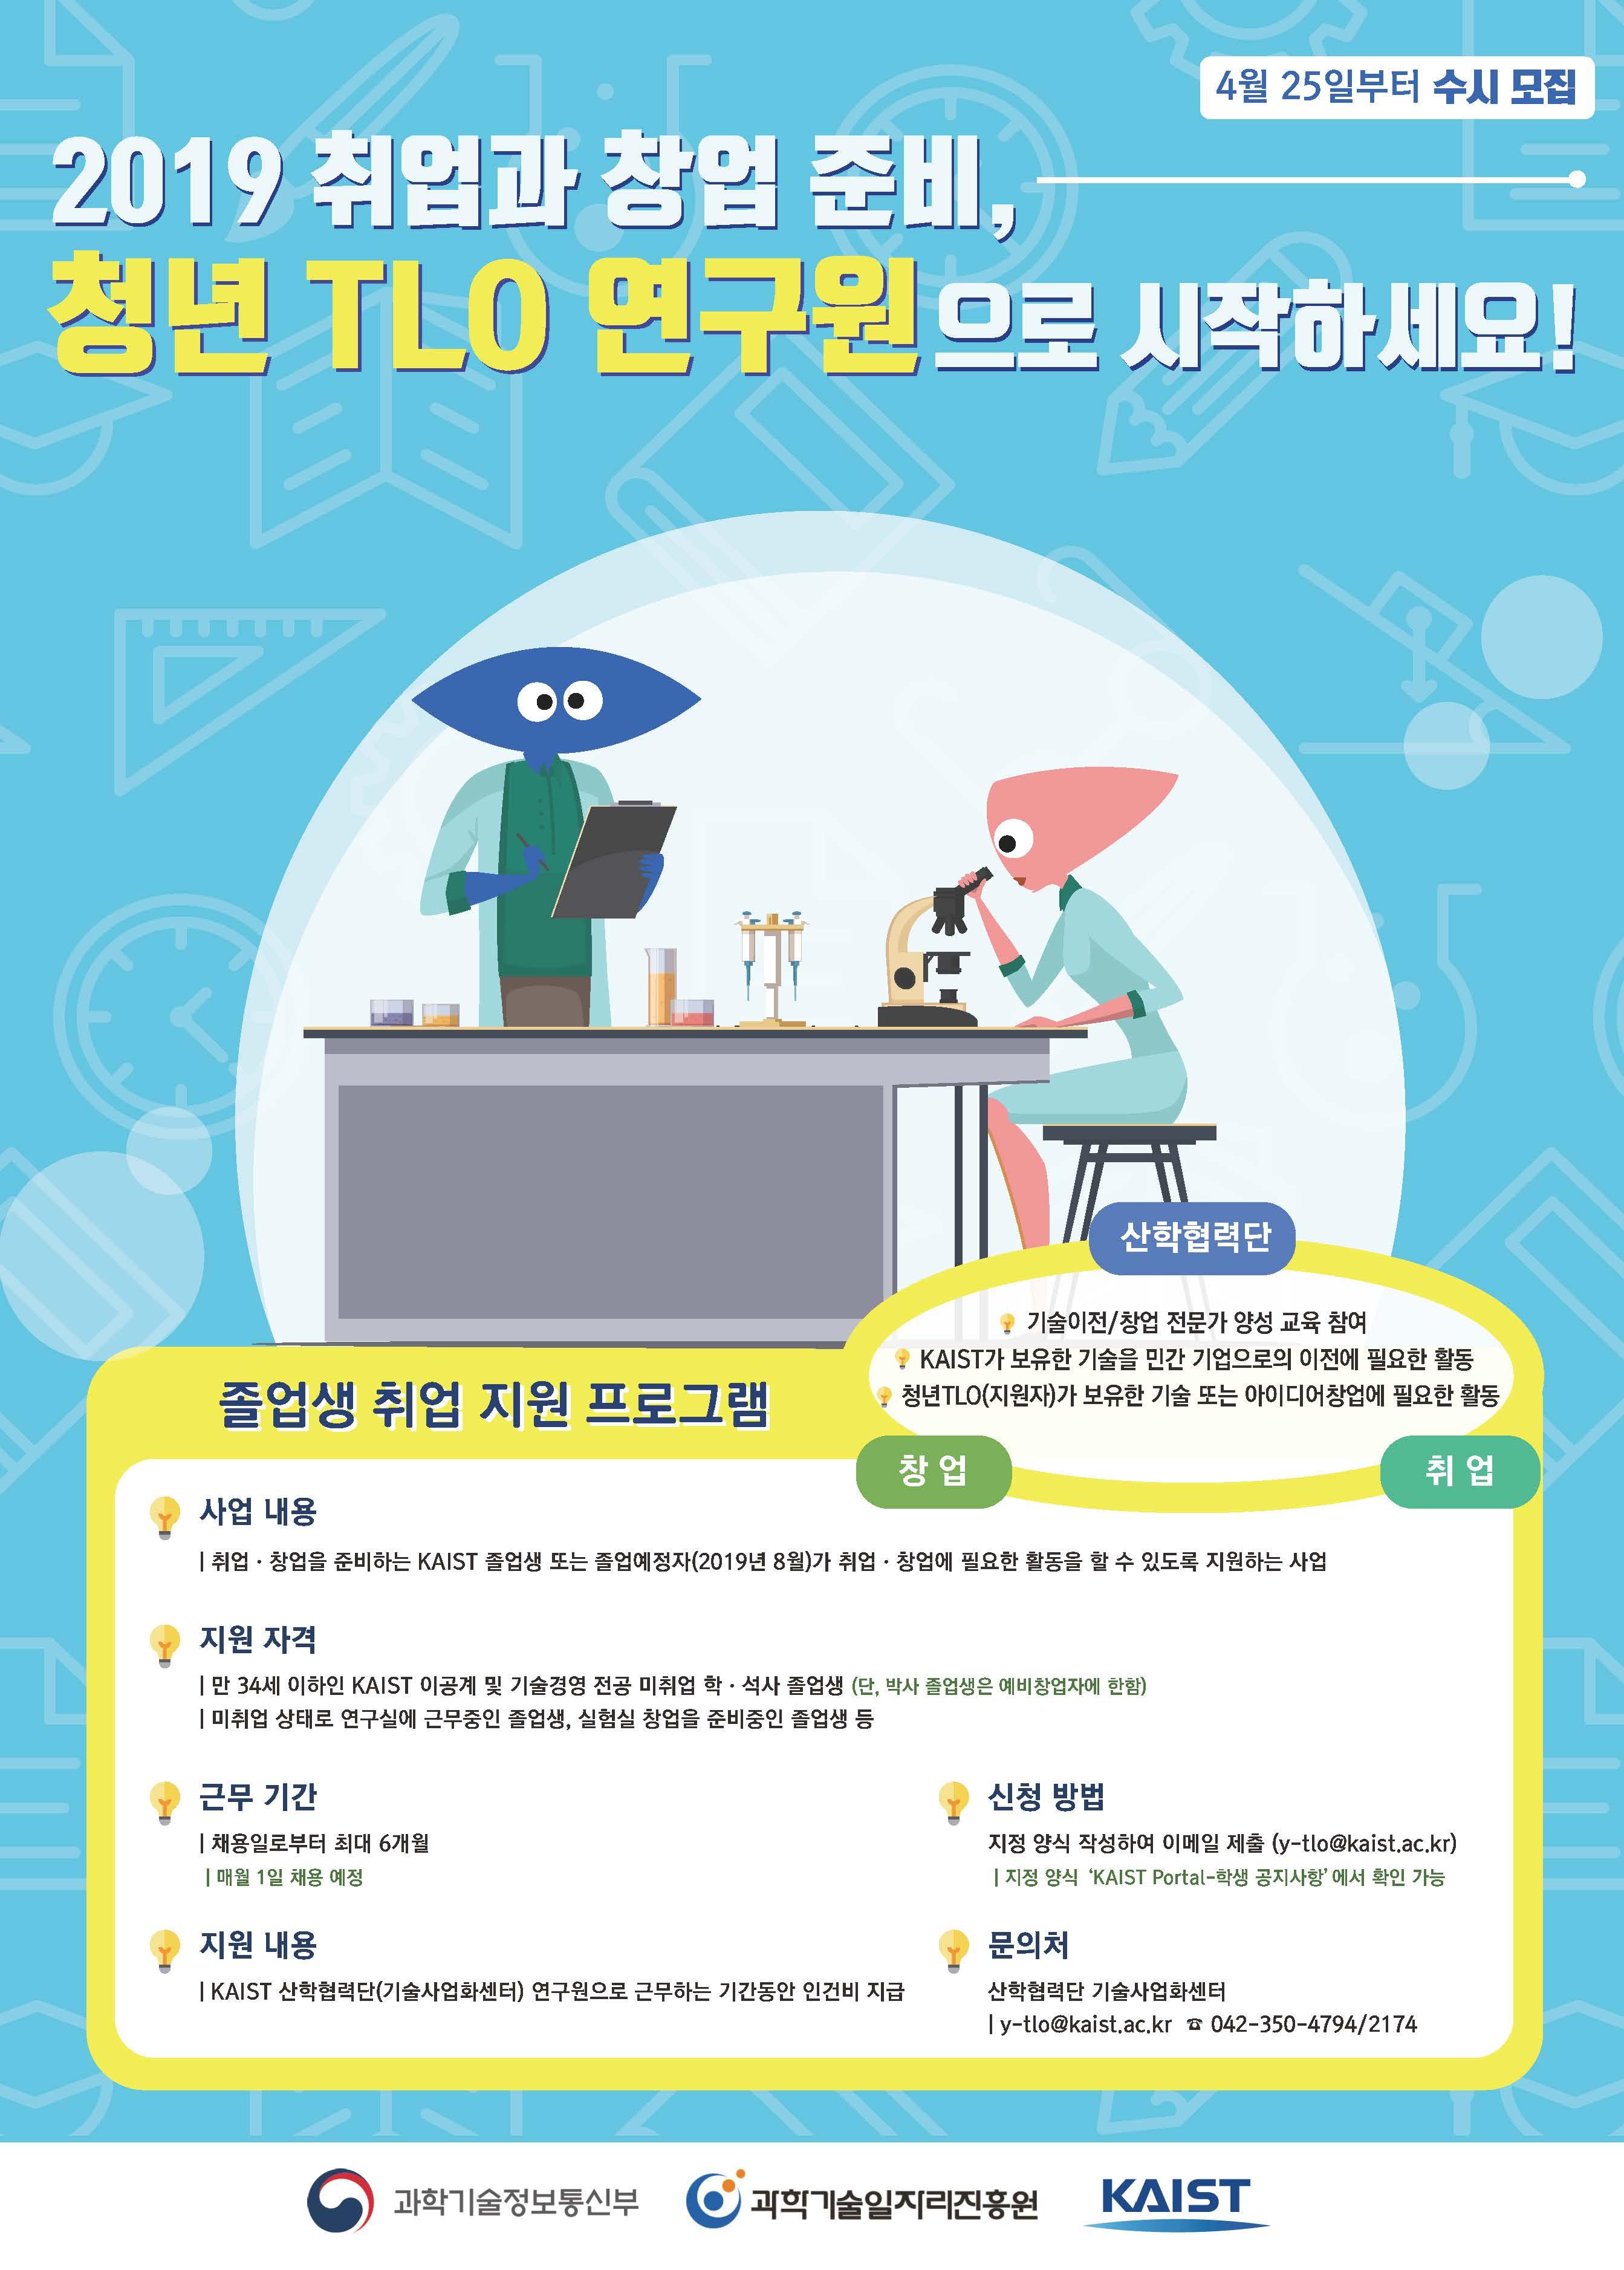 [첨부.1] 사업안내문(포스터)_청년TLO육성사업.jpg